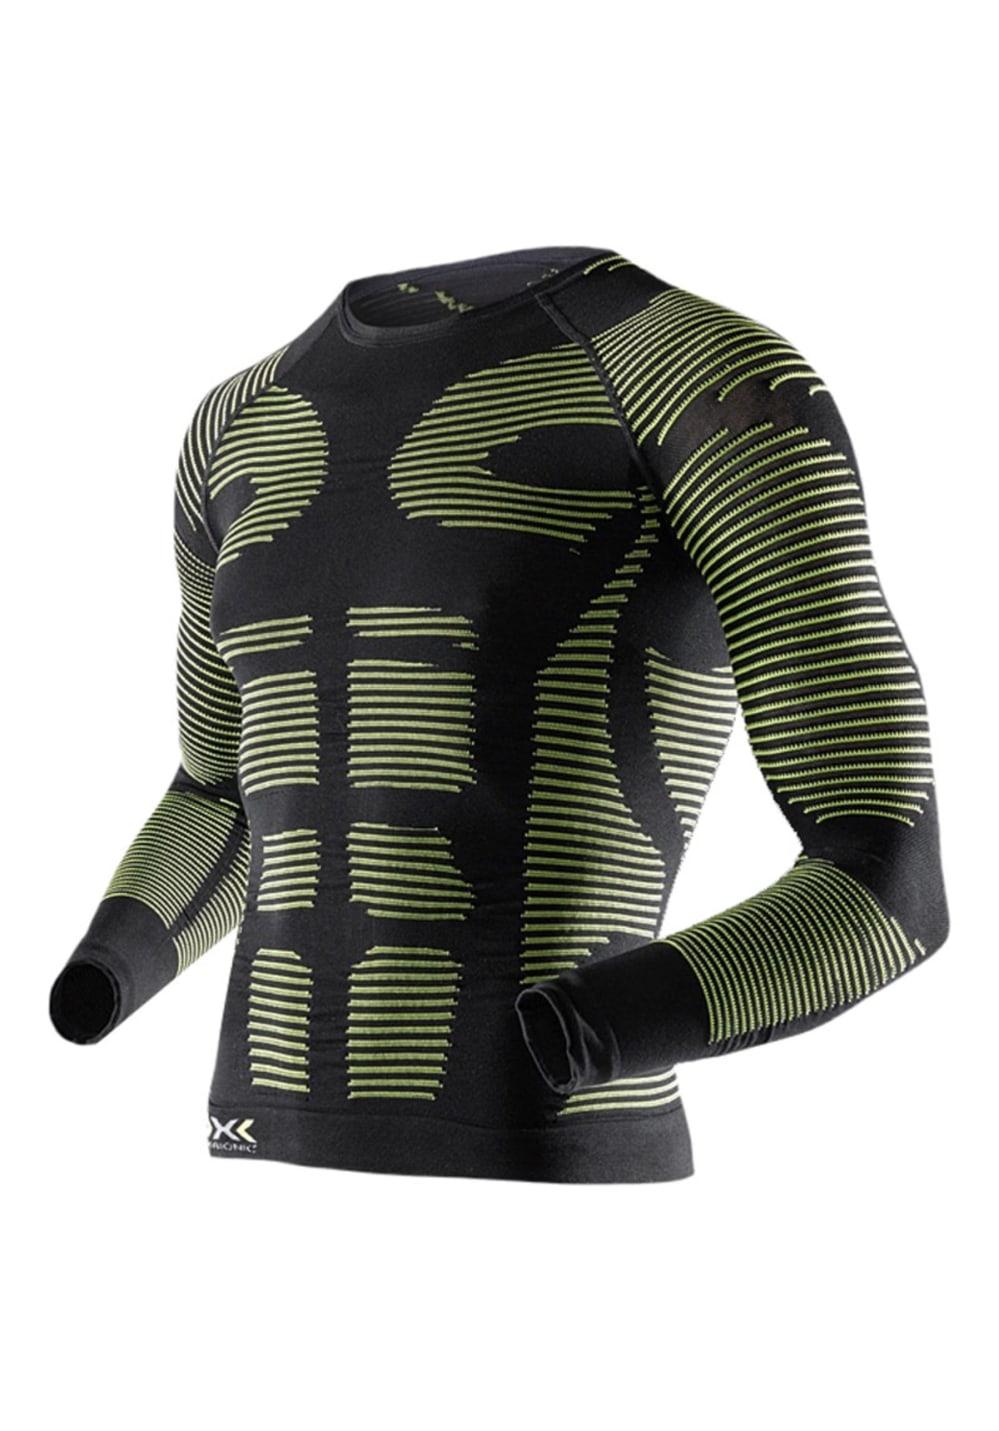 X-Bionic Precuperation Shirt Long Sleeves - Laufshirts für Herren - Grün